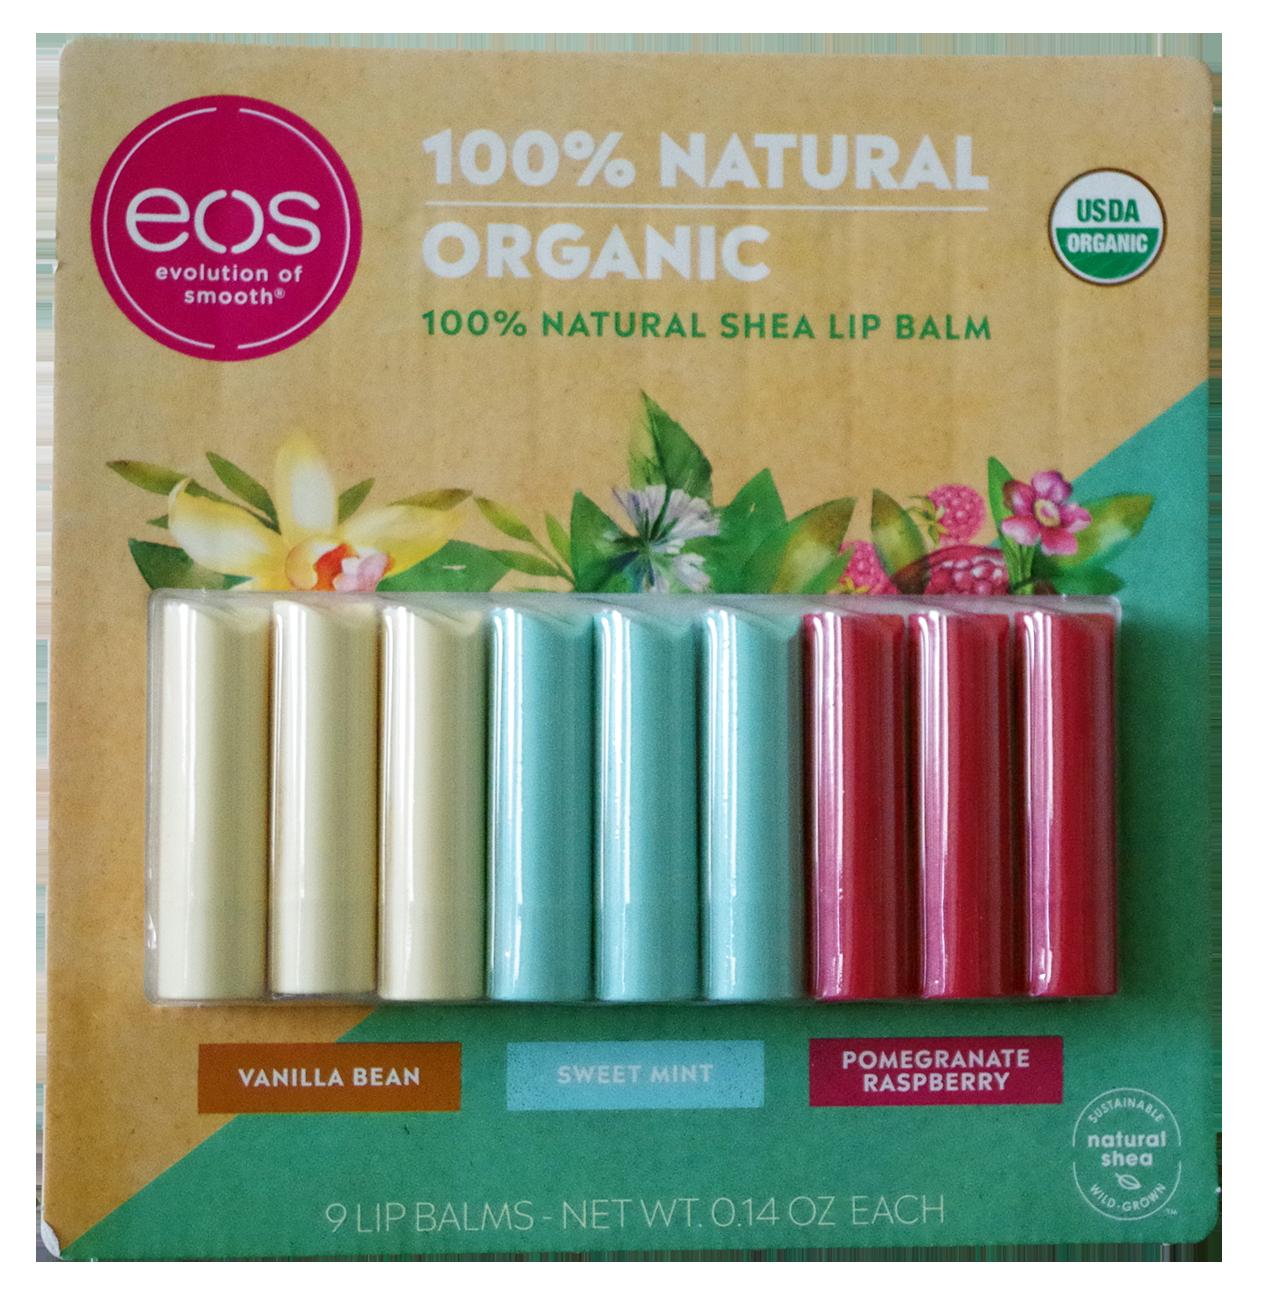 EOS 100% natural shea lip balm 9-piece set